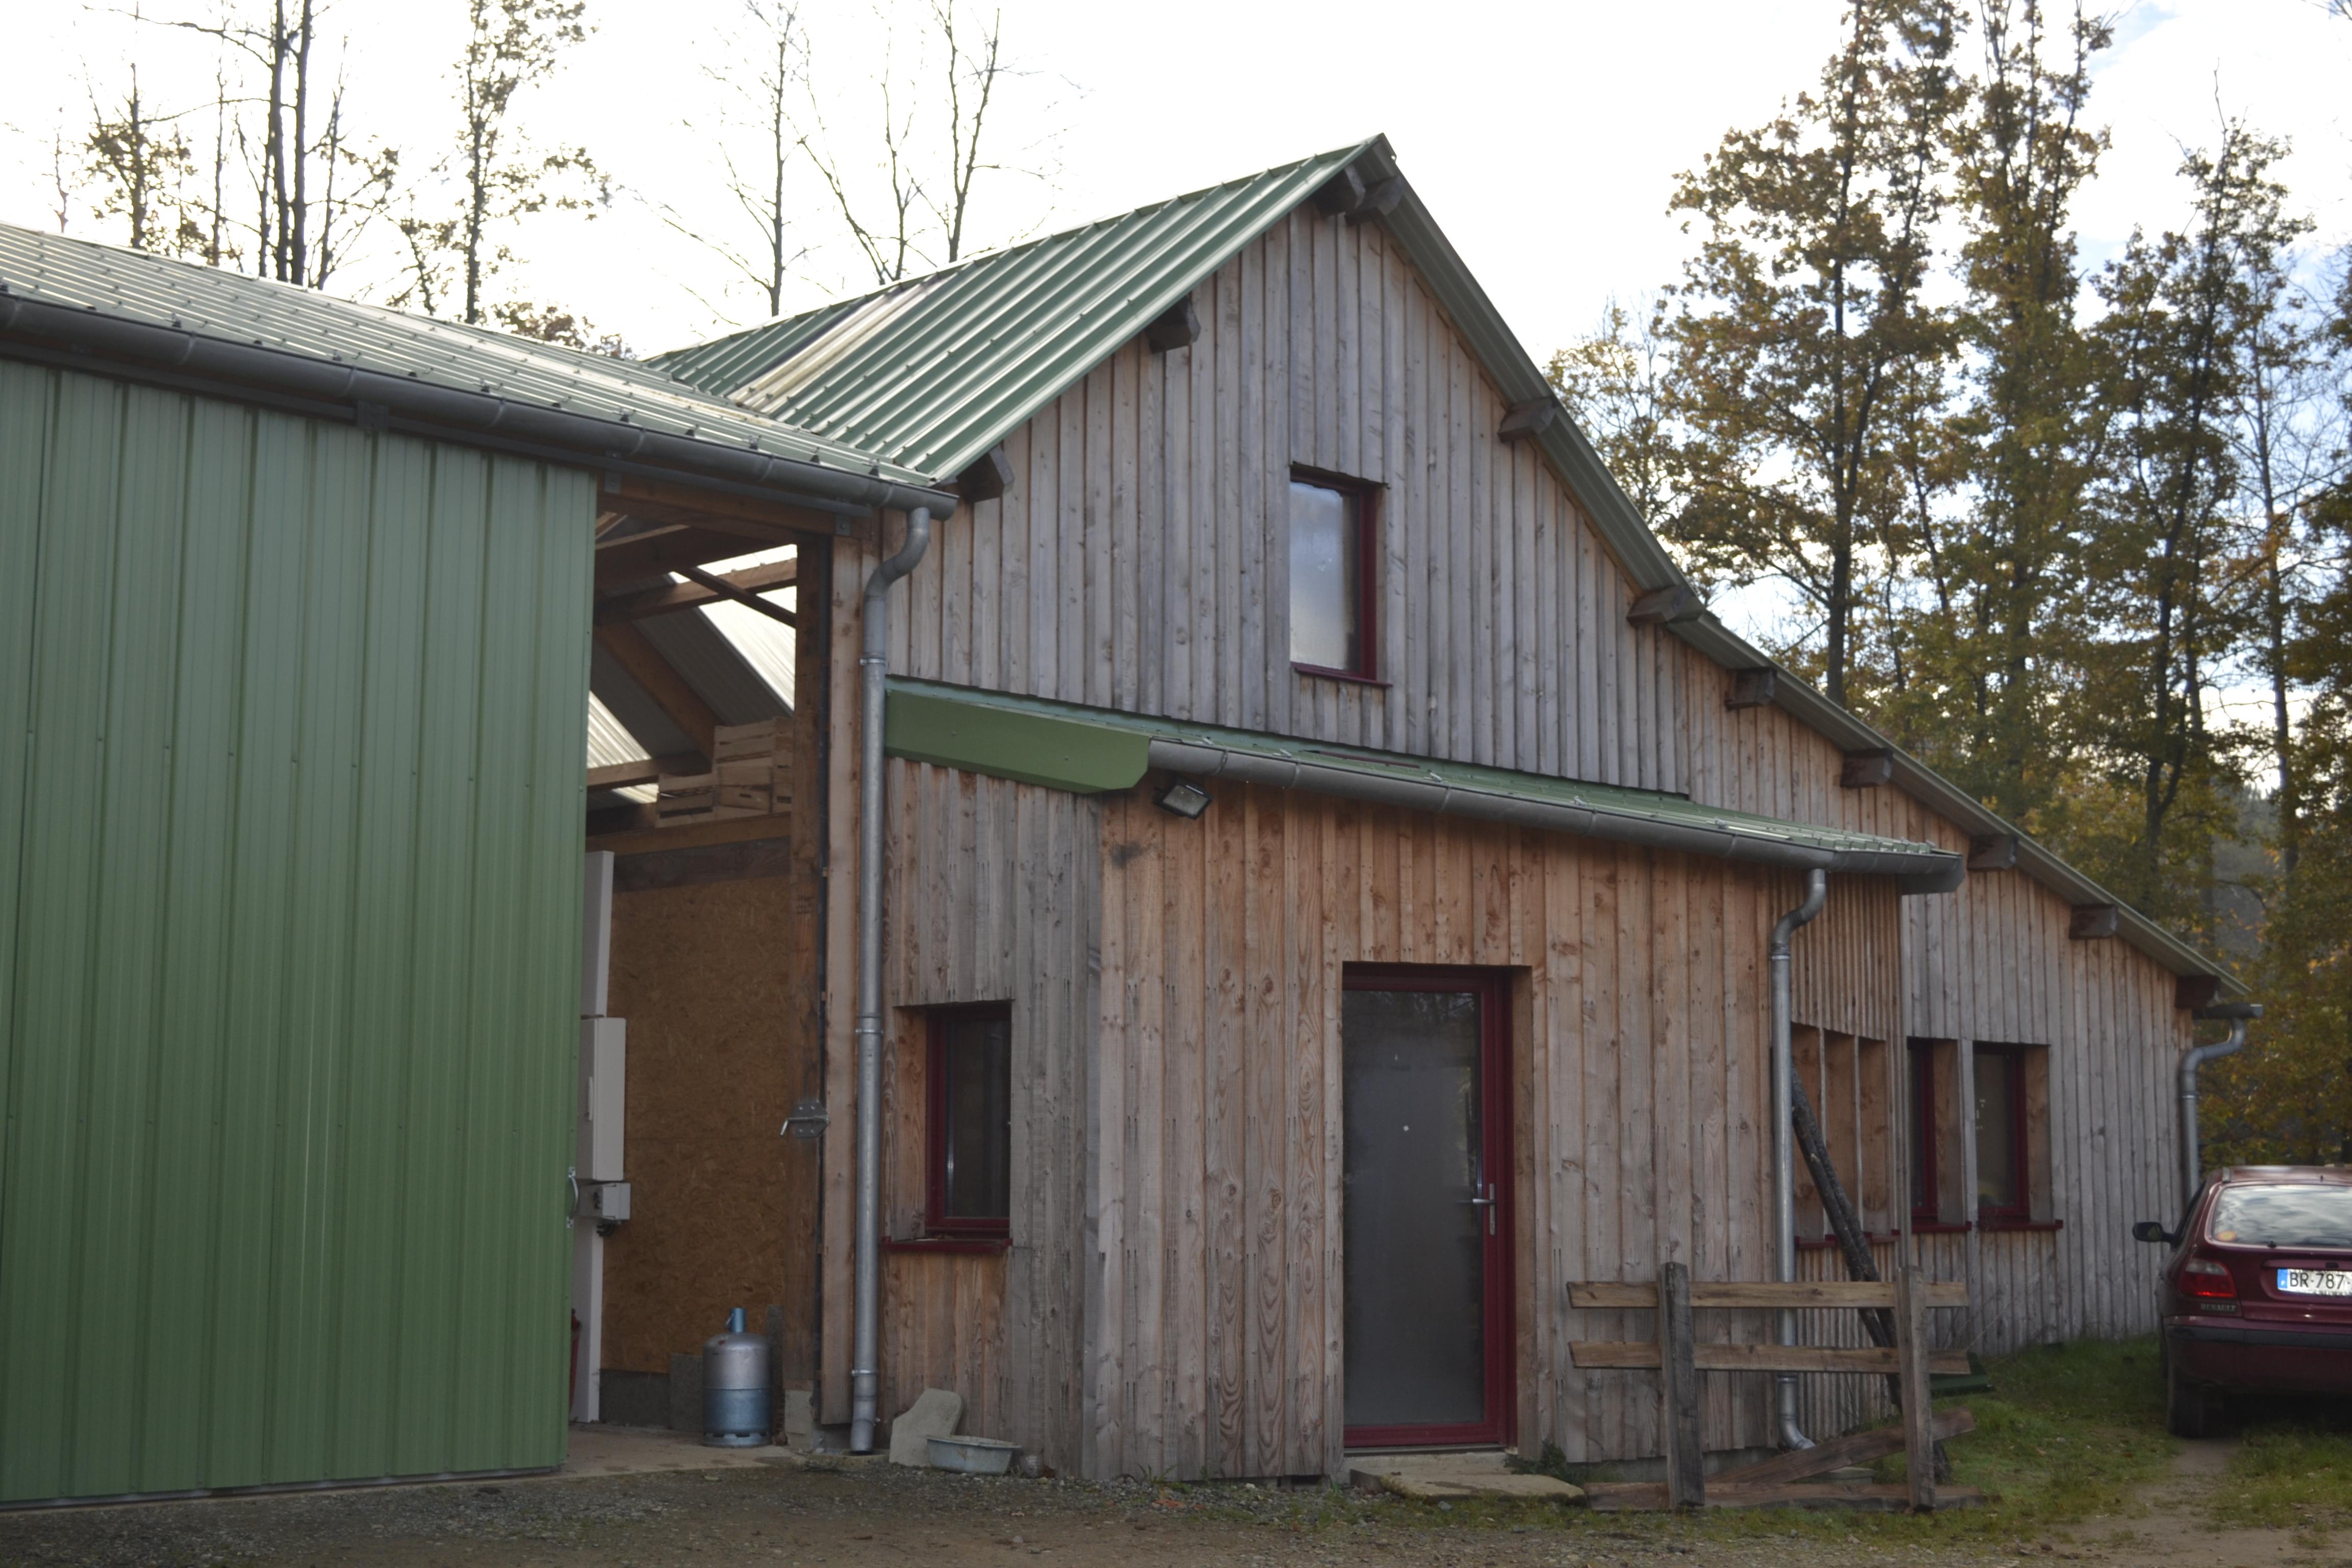 Les eco logis bois sarthe lombron construction for Architecte batiment agricole